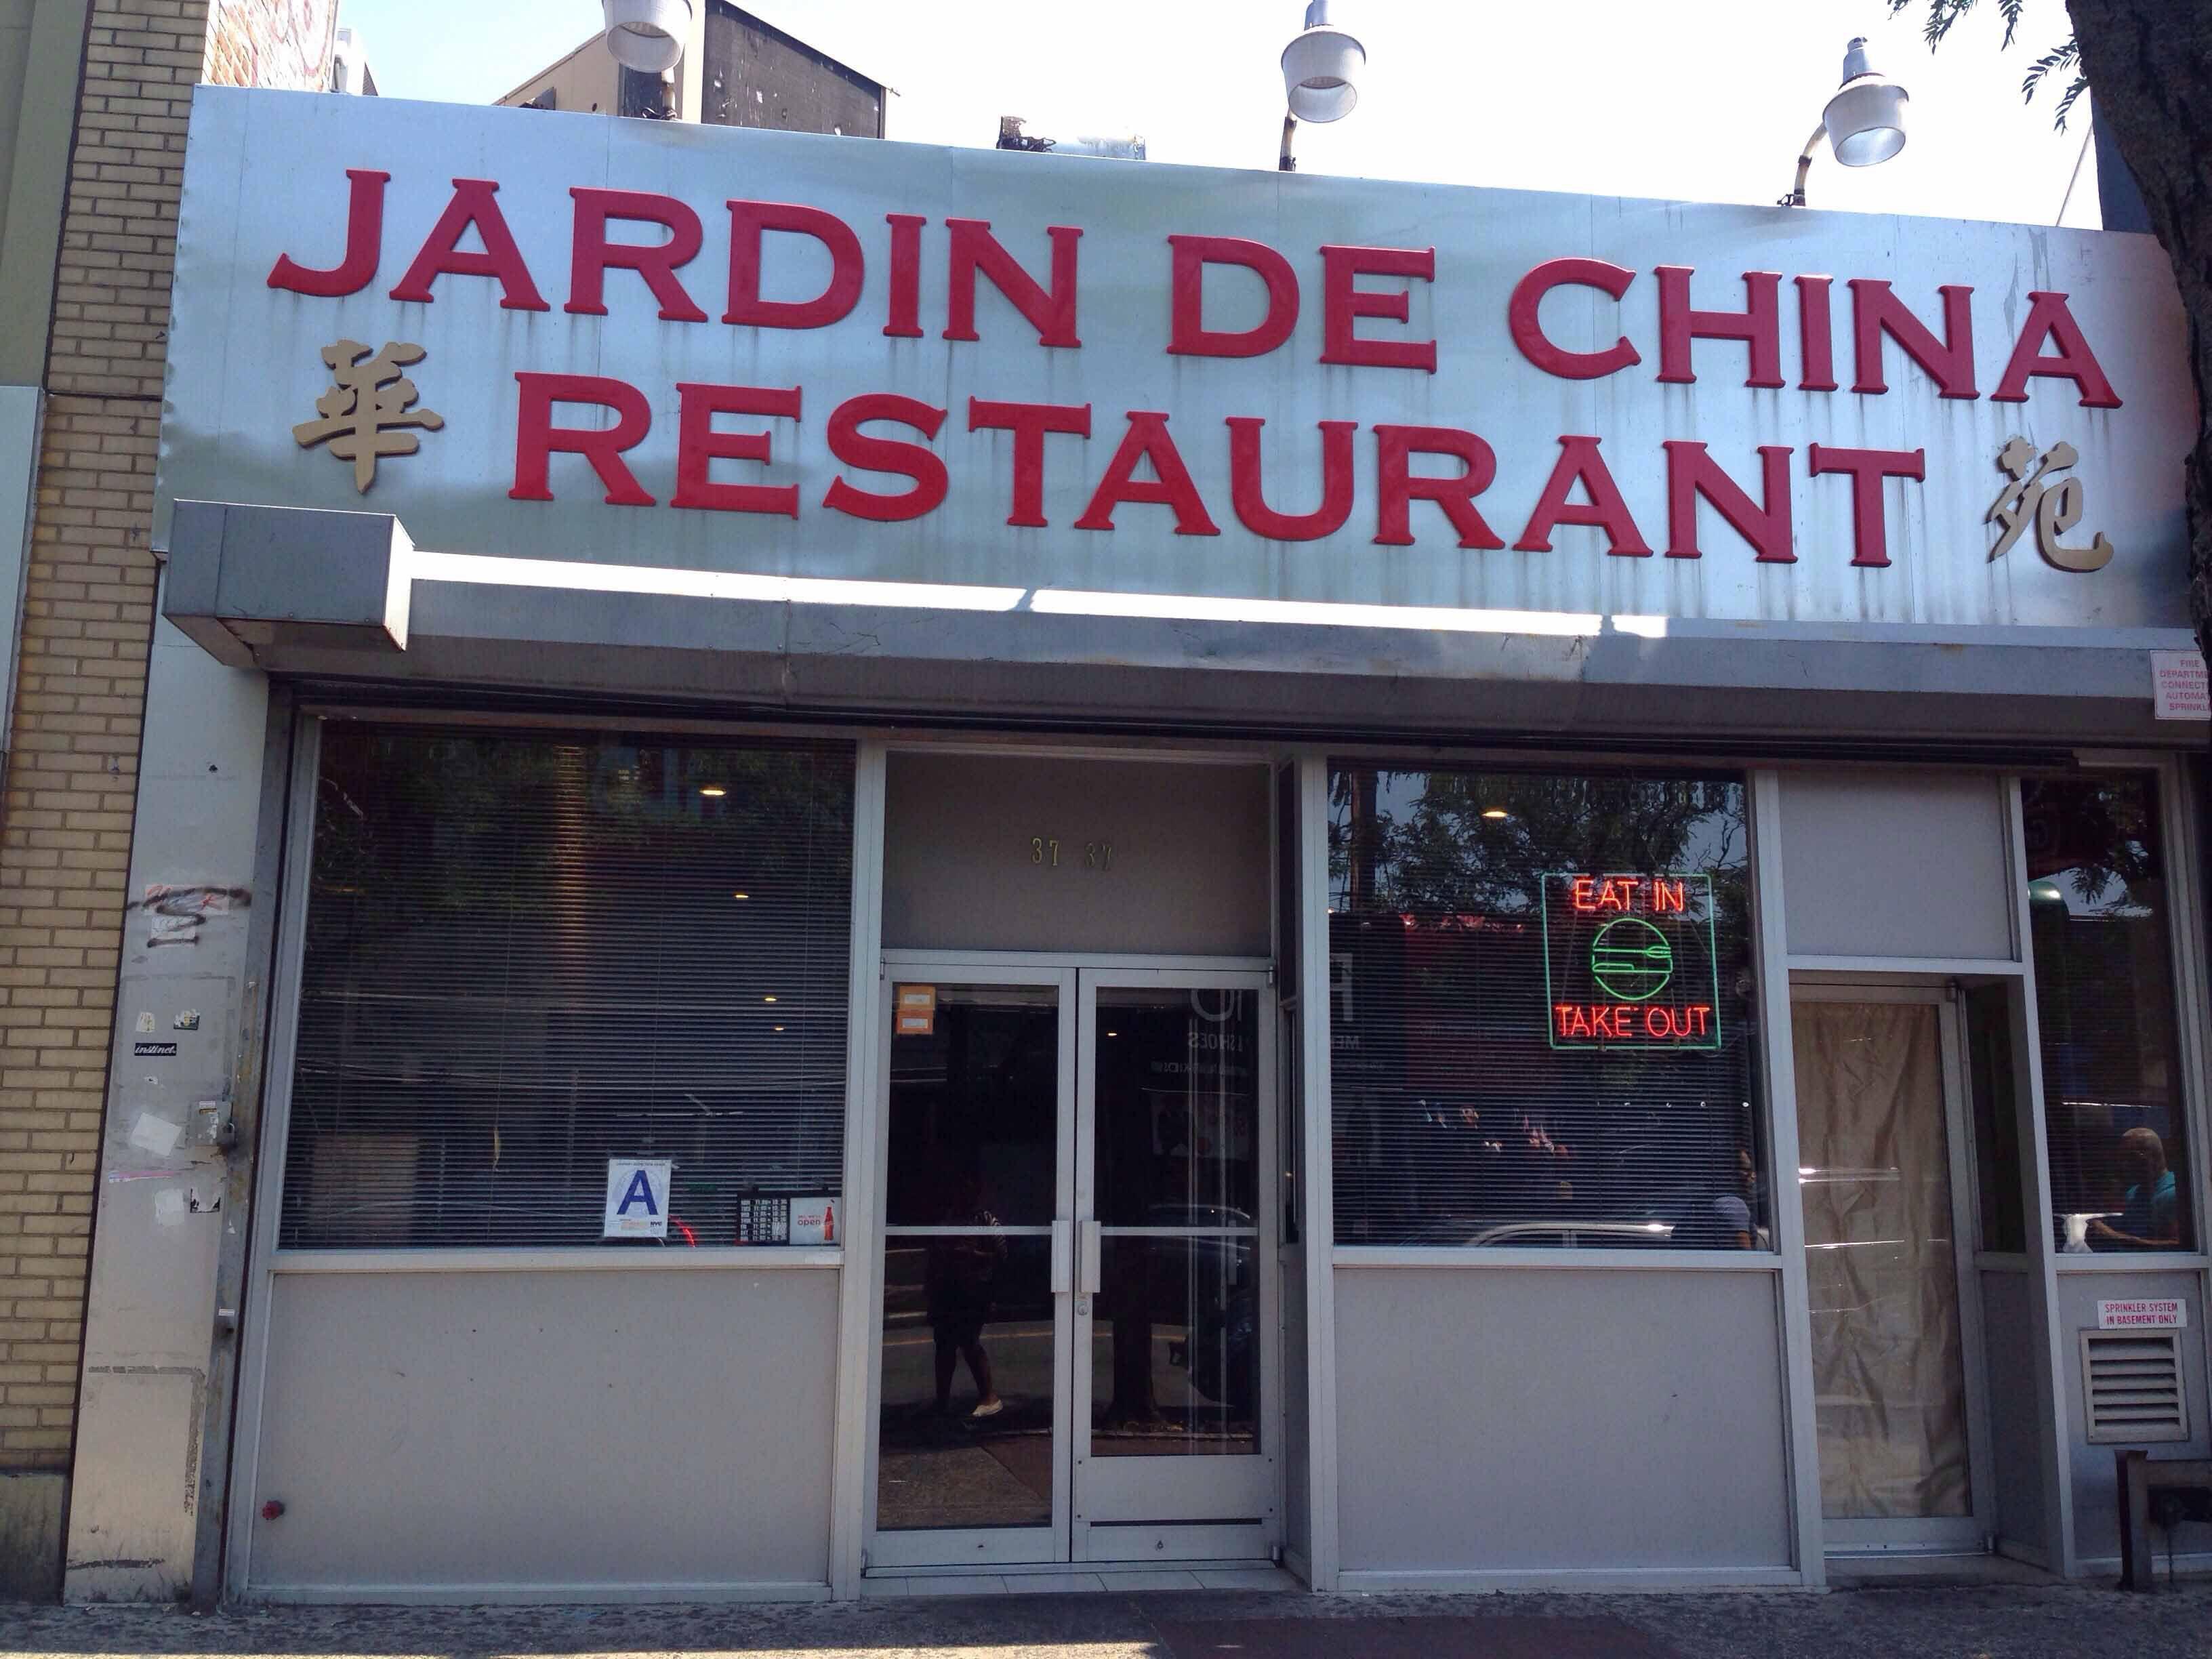 Jardin de china corona queens viewing nyc for Jardin de china